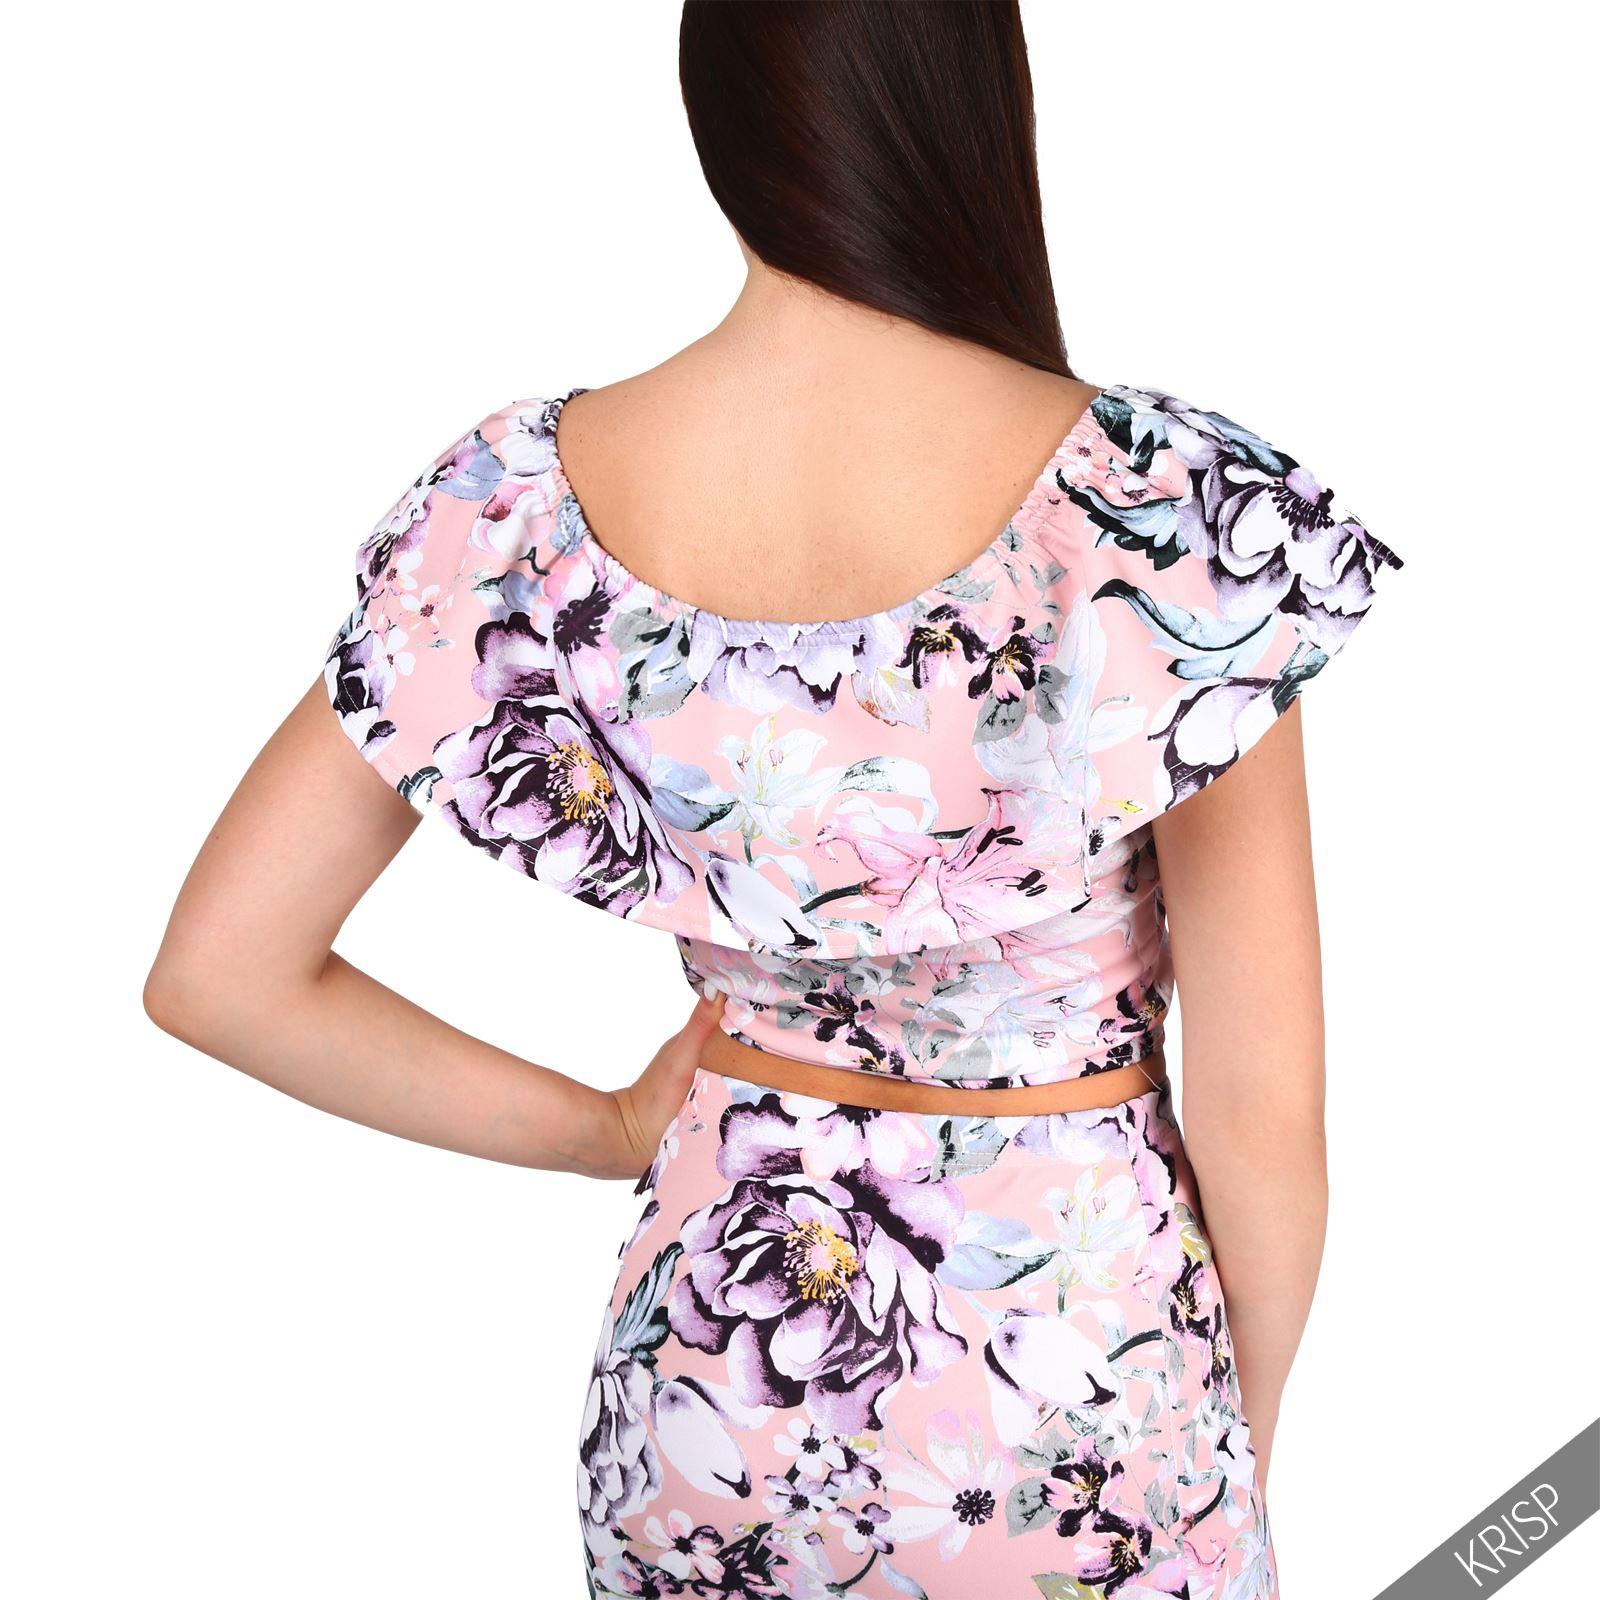 Crop-Top-Mujer-Corto-Flores-Volante-Hombros-Ombligo-Camiseta-Verano-2017-Joven